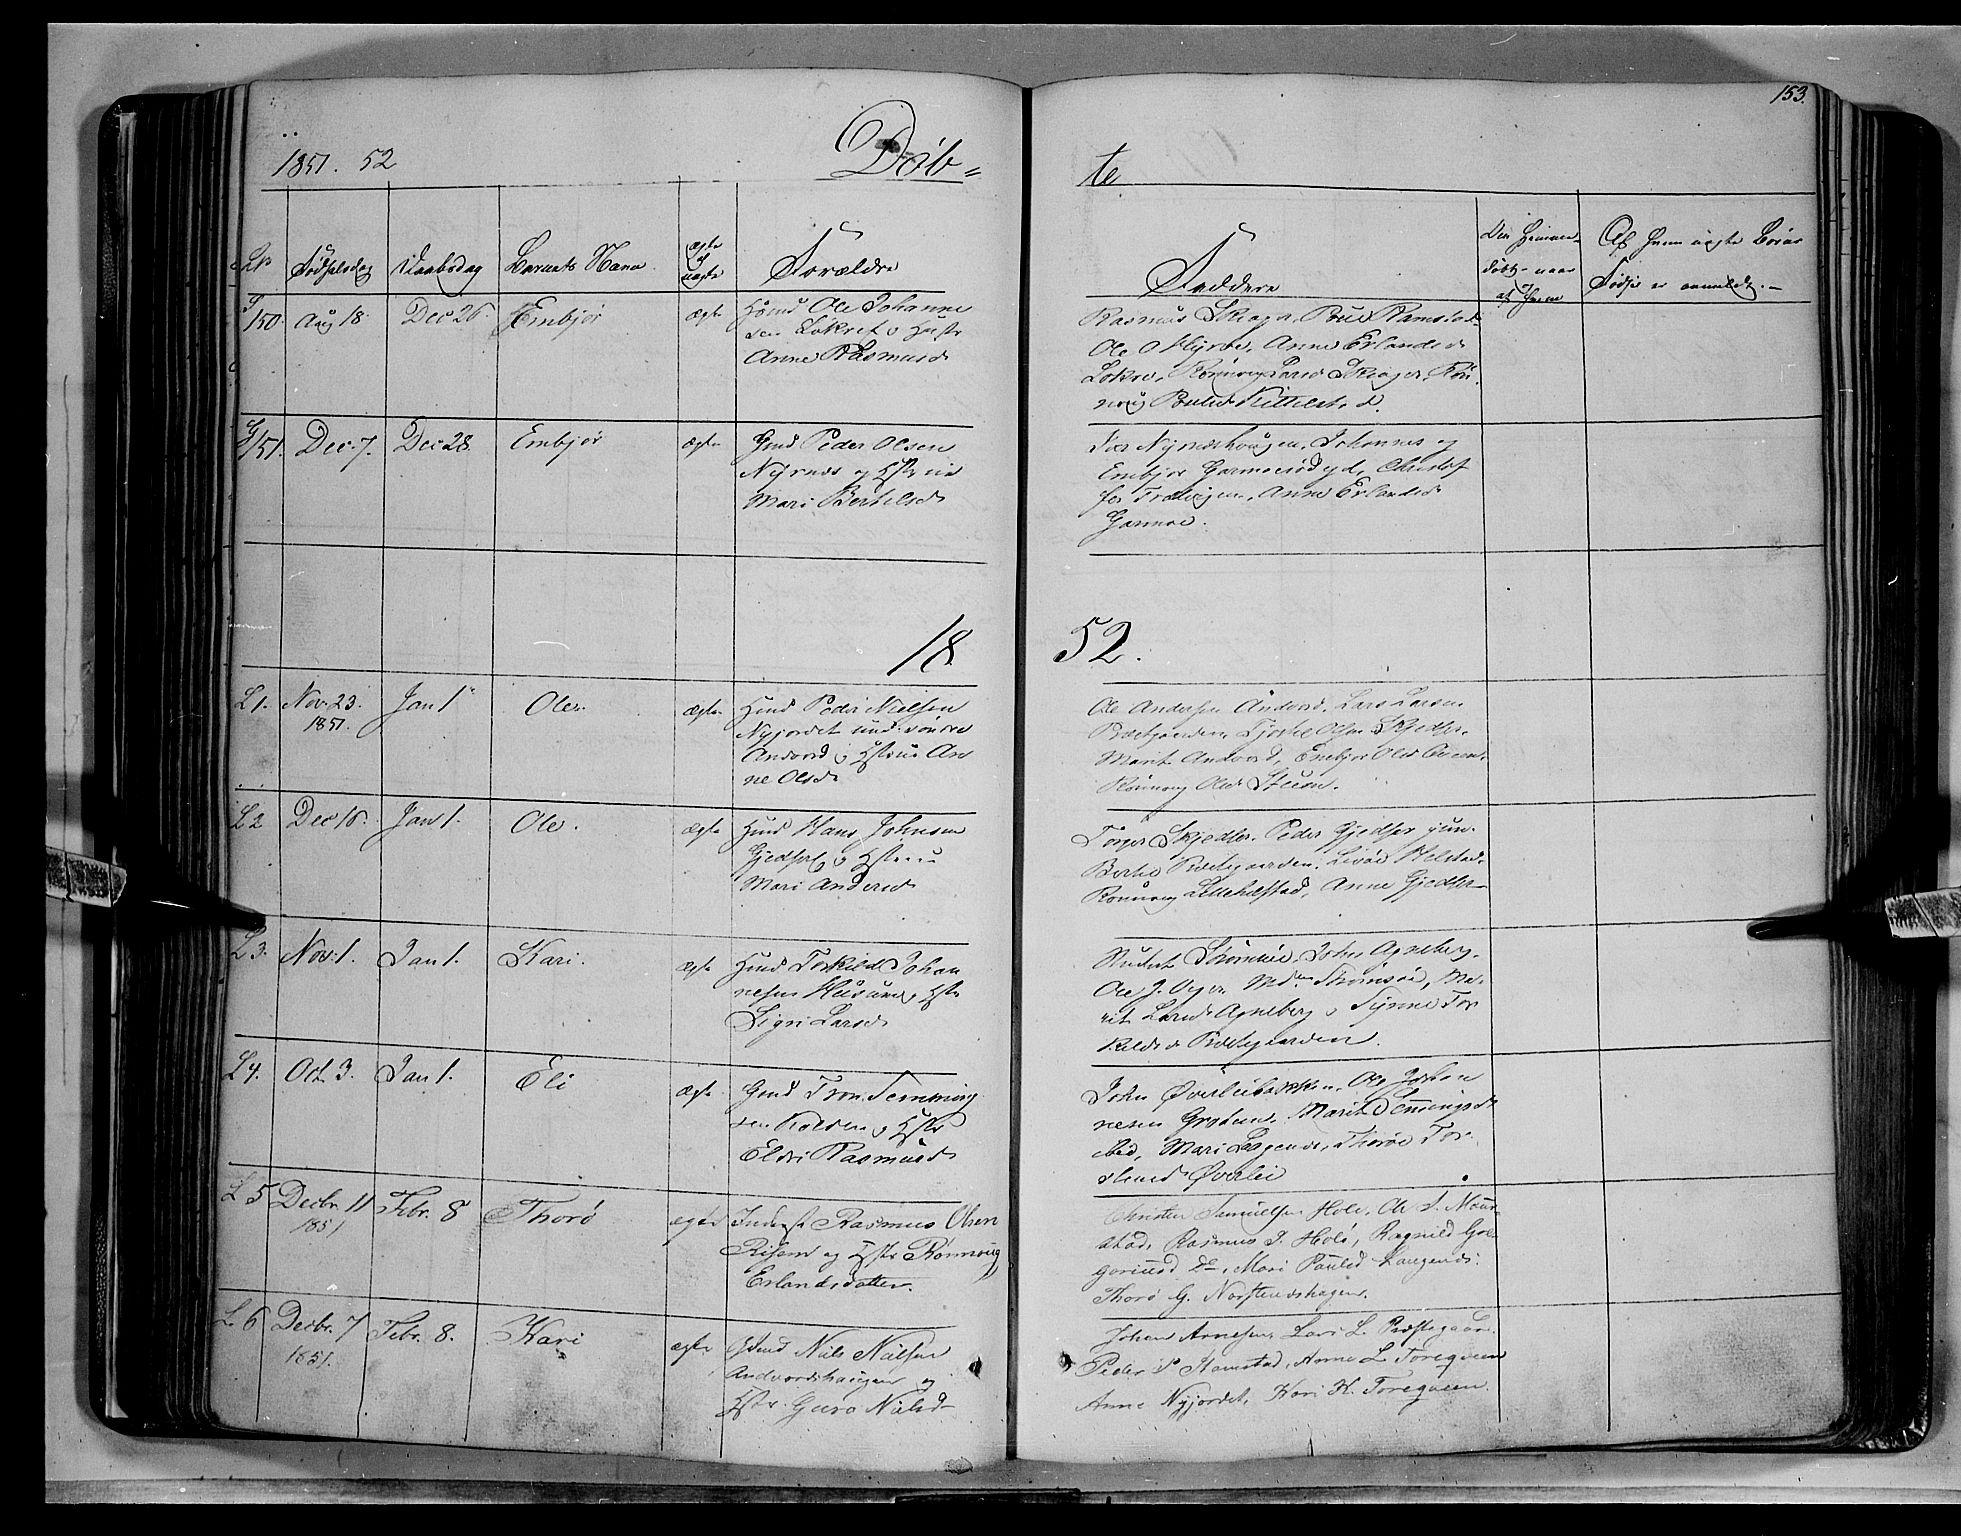 SAH, Lom prestekontor, K/L0006: Ministerialbok nr. 6A, 1837-1863, s. 153